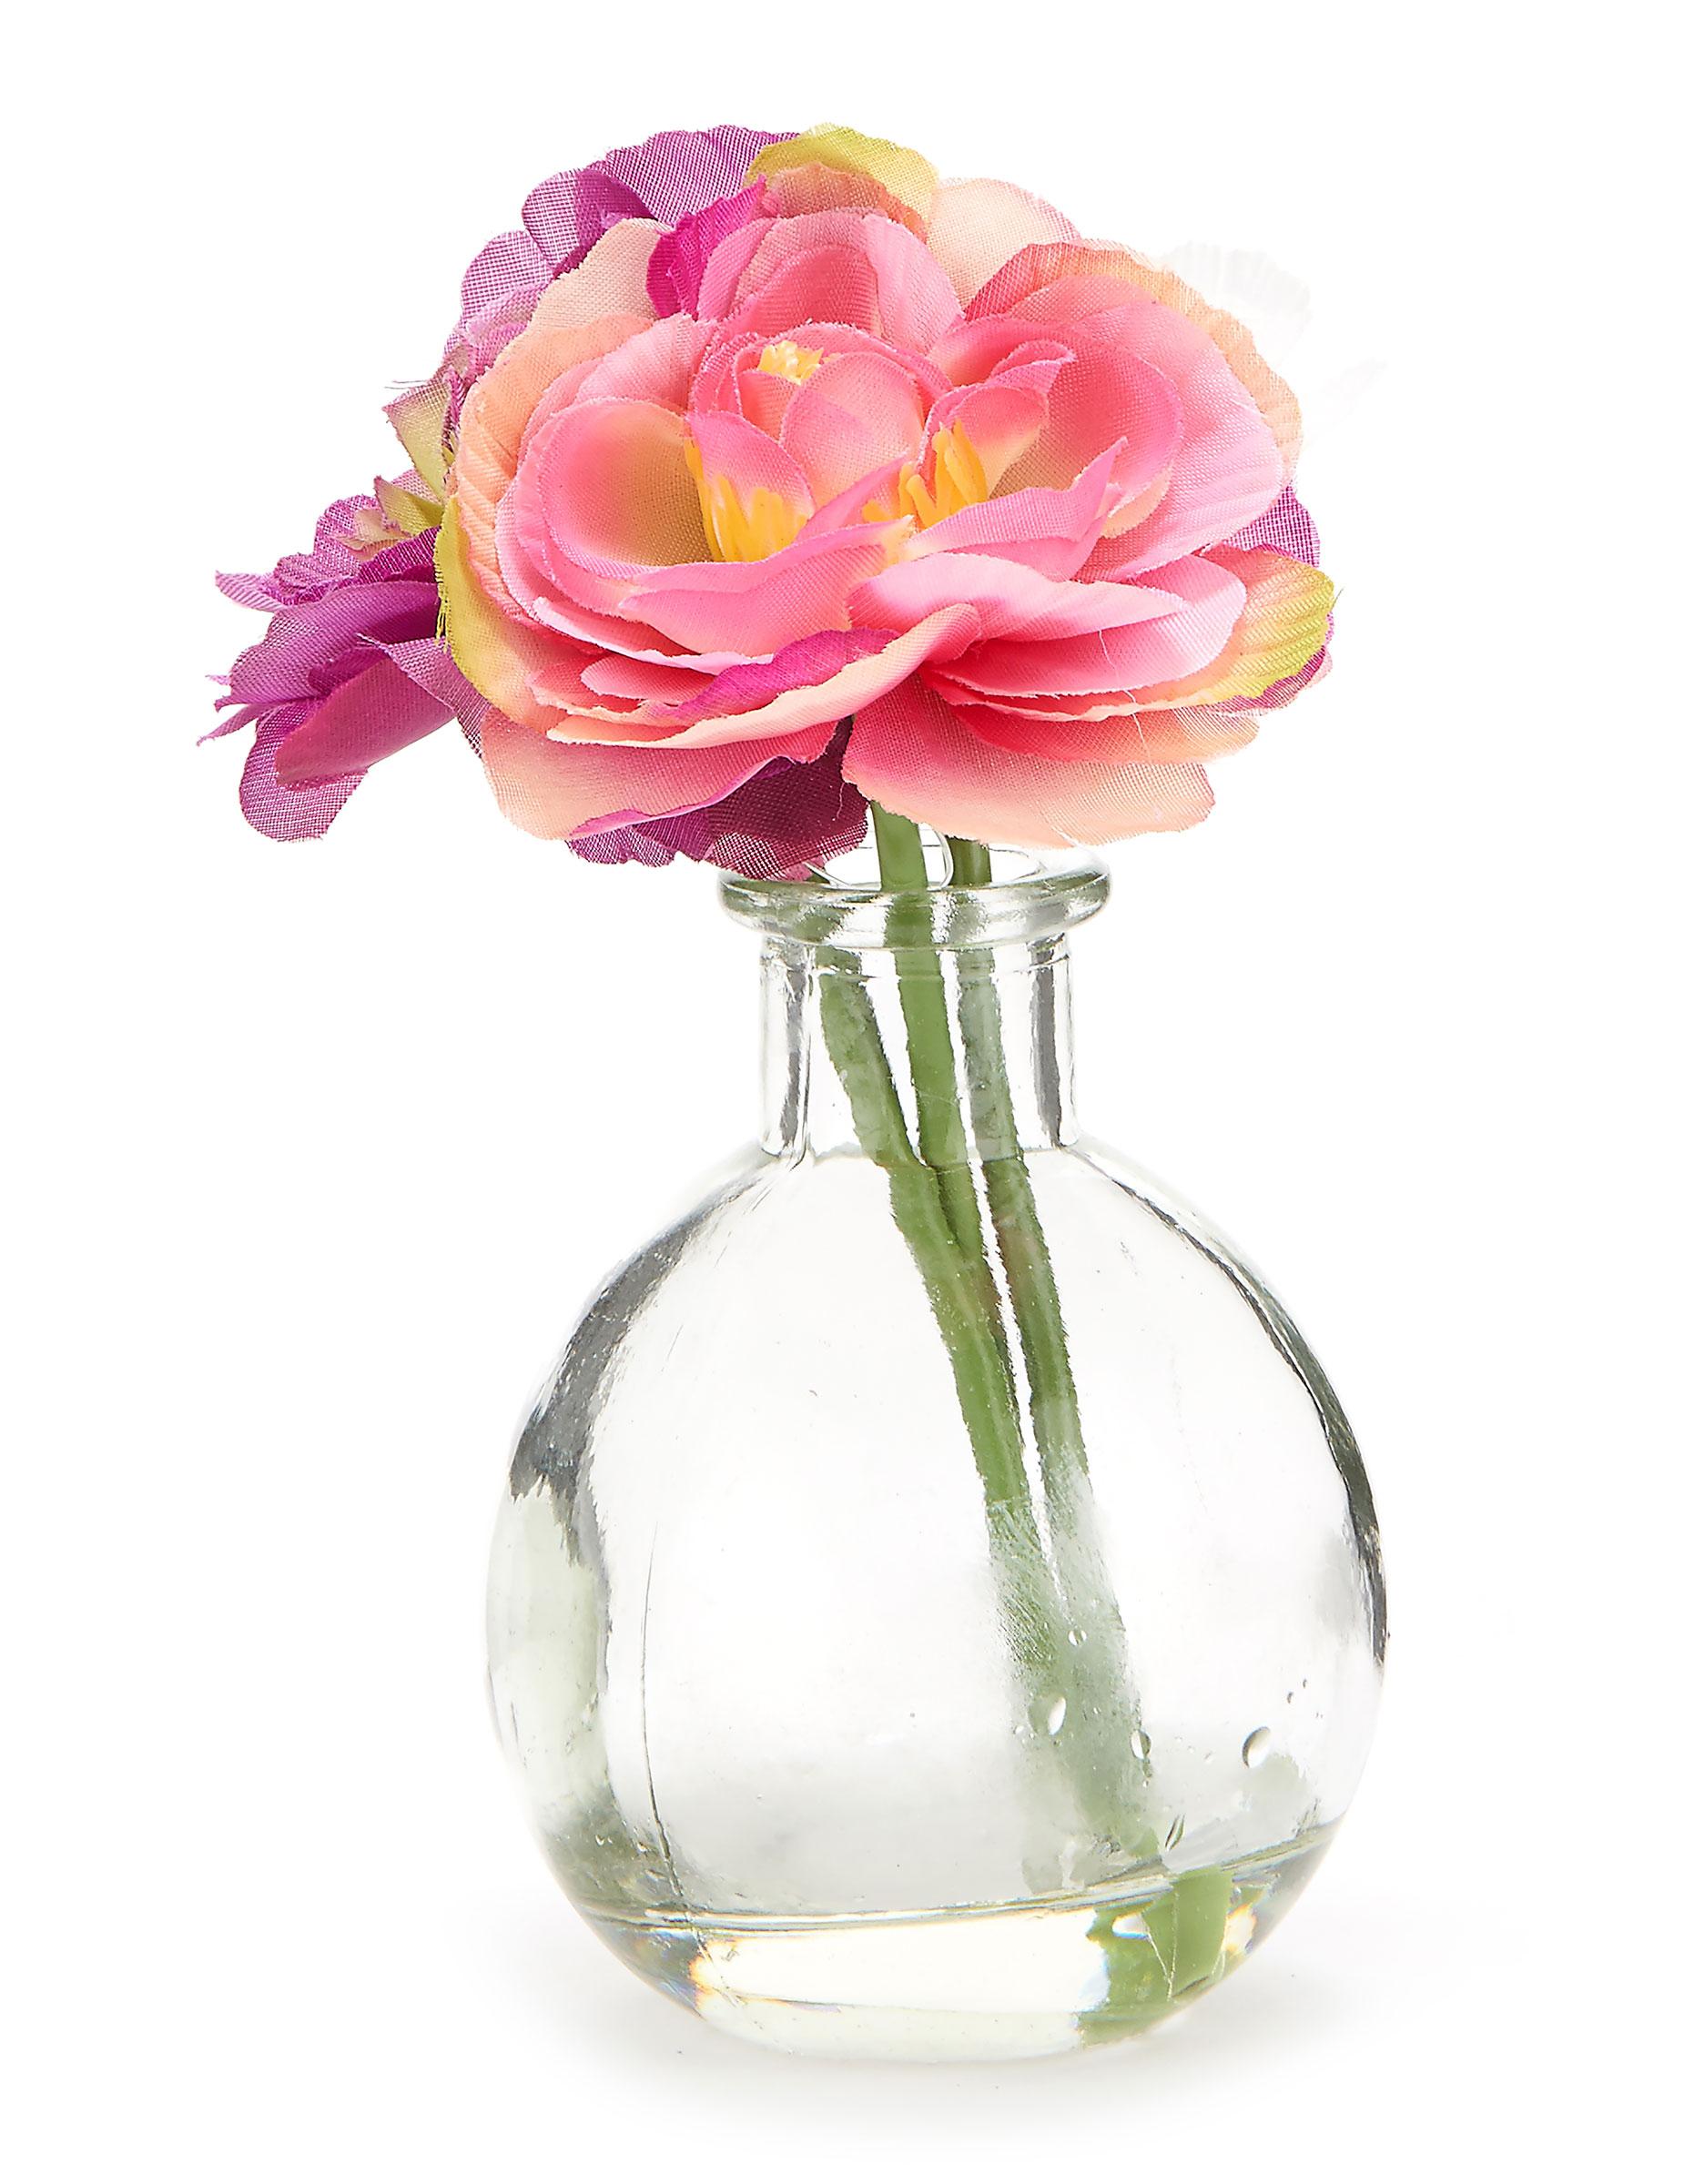 Cours virtuel 32 peindre un vase avec des fleurs - Dessiner un vase ...